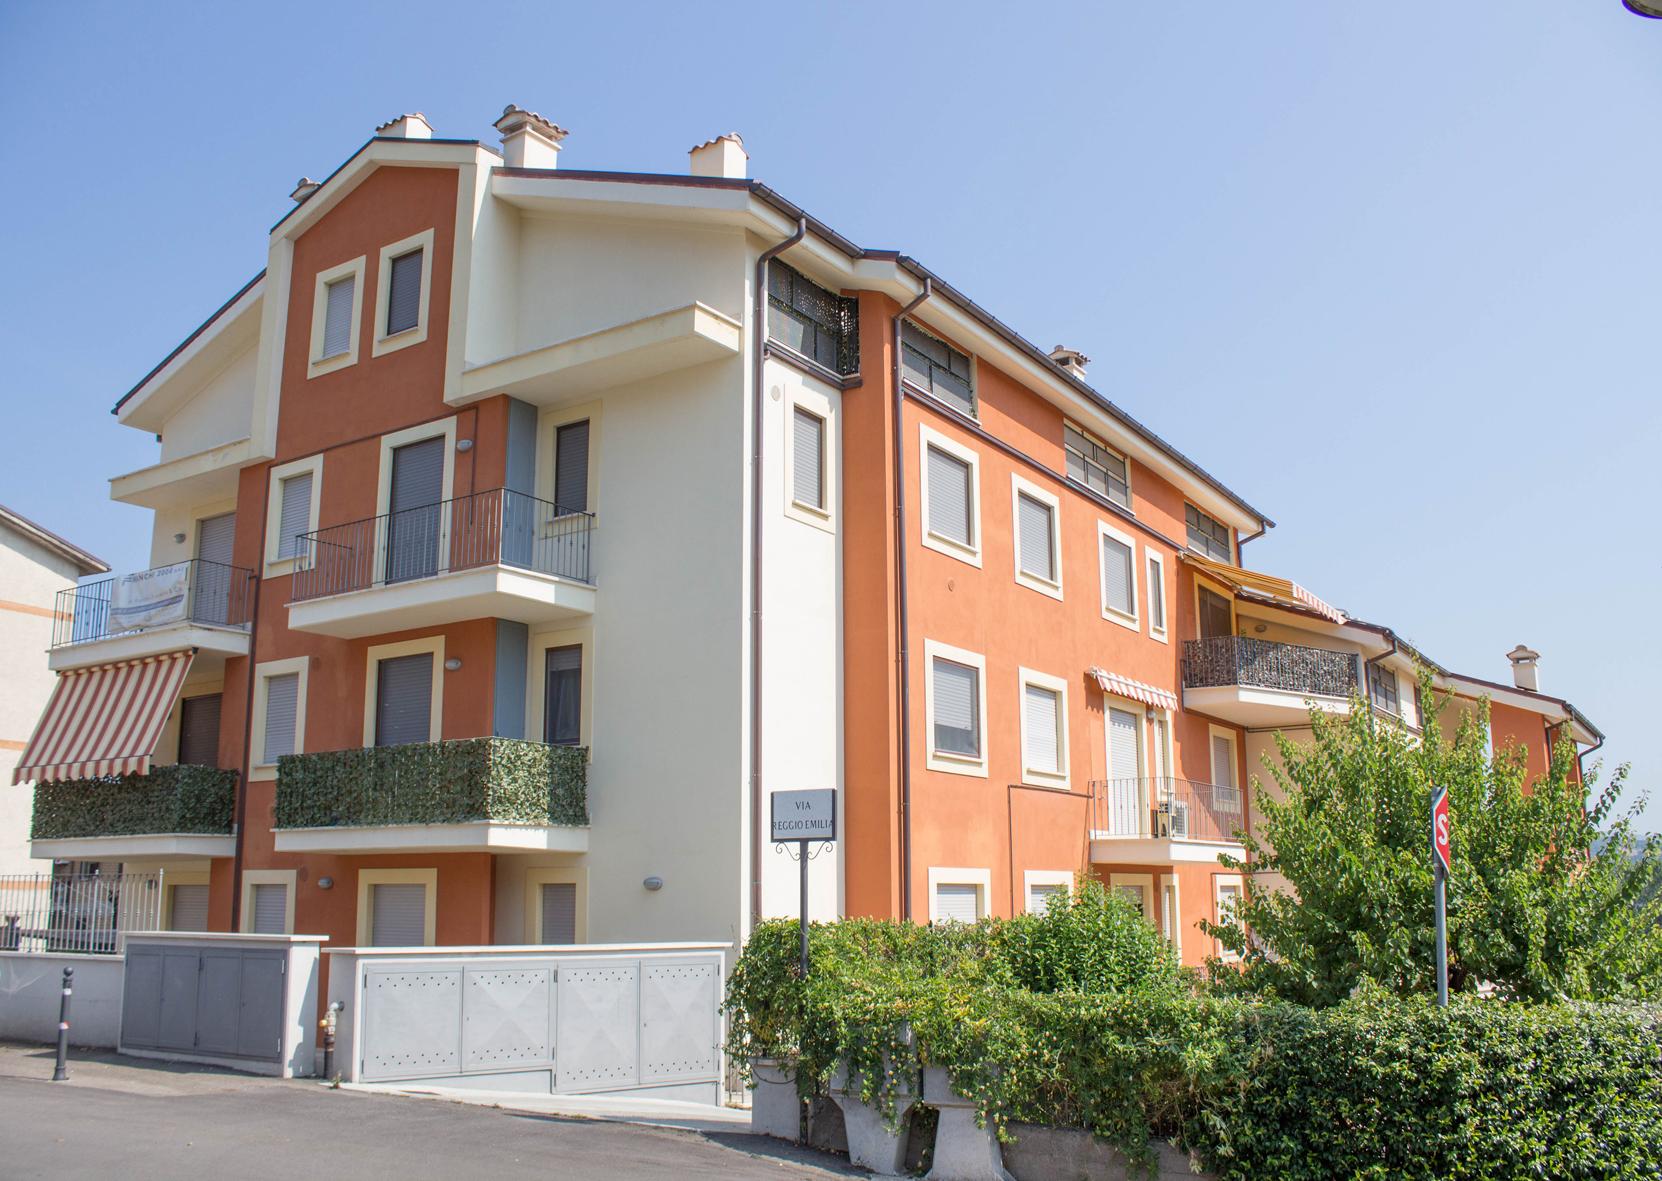 Appartamento in vendita a Orte, 2 locali, zona Località: OrteScalo, prezzo € 77.000 | CambioCasa.it